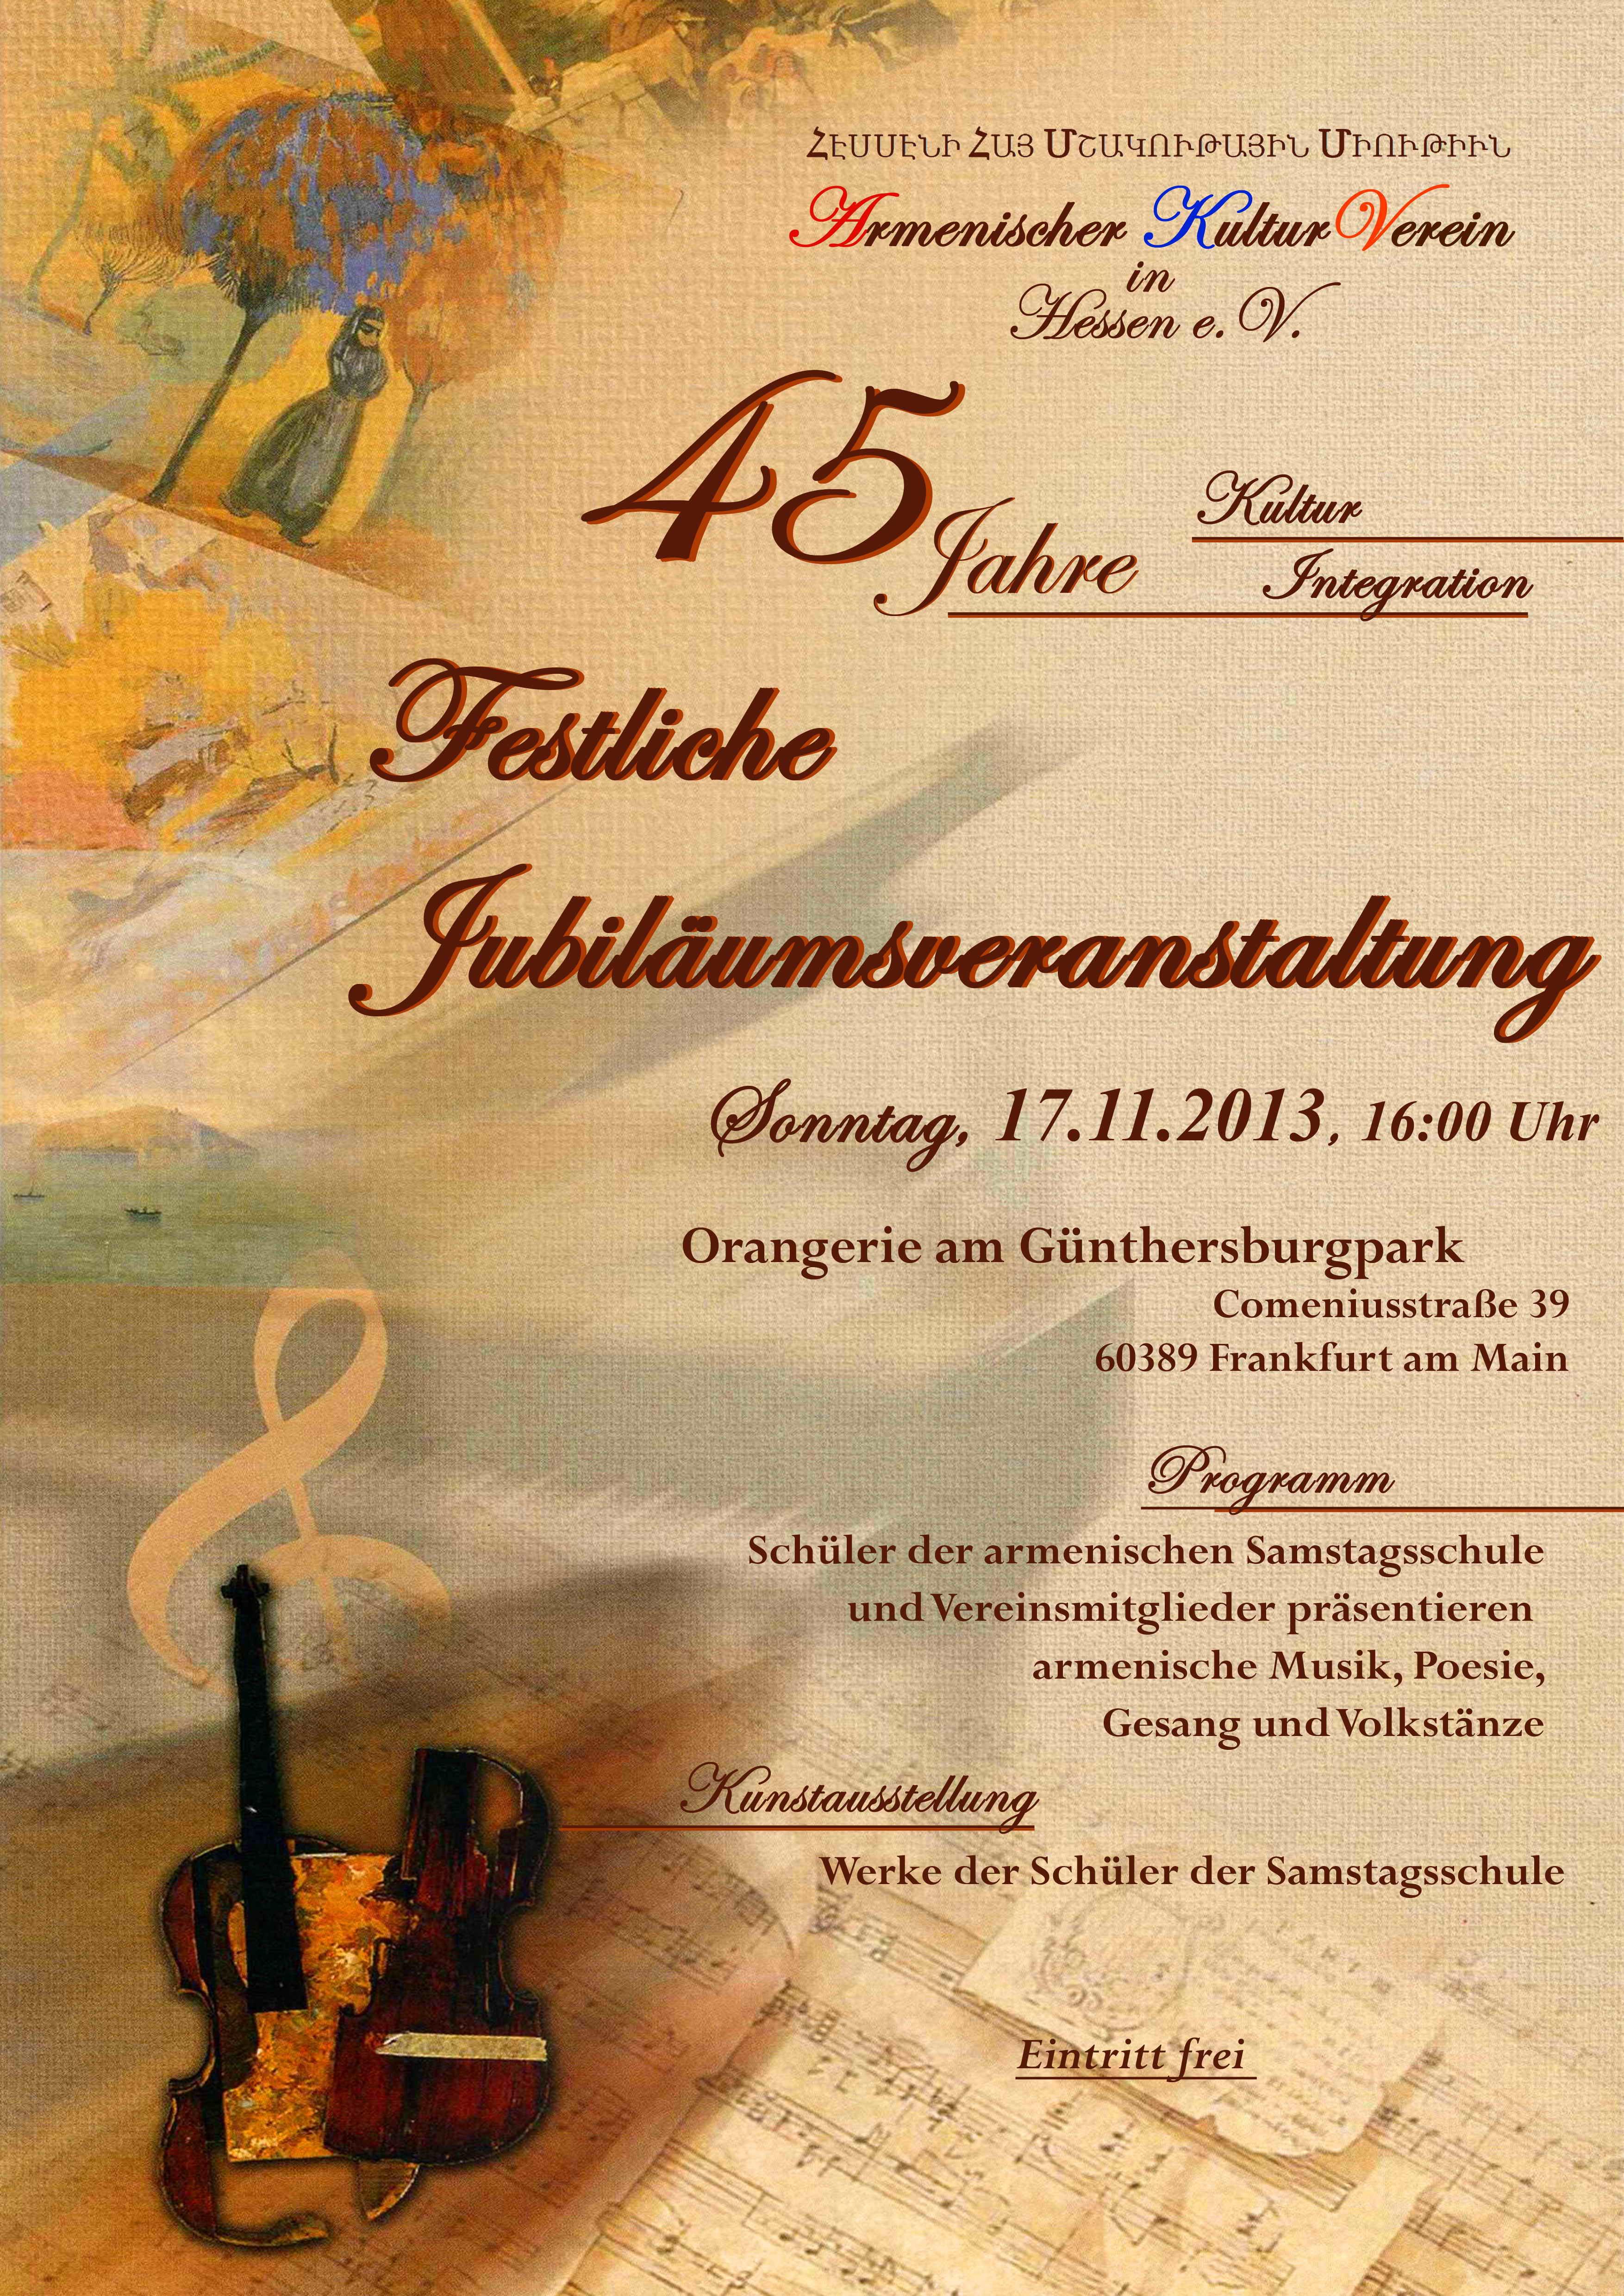 45 Jahre AKV - Festliches Jubiläumsveranstaltung Plakat Din A3